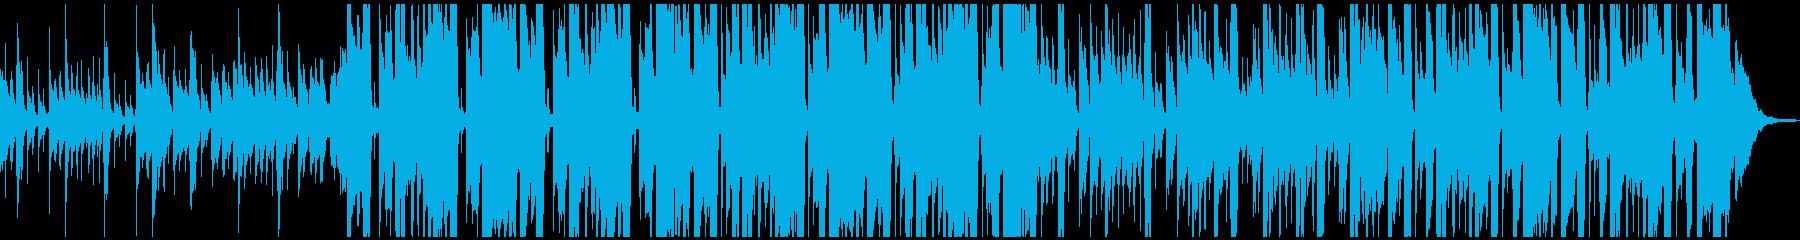 ダブスッテプ 広い 壮大 ドラマチ...の再生済みの波形